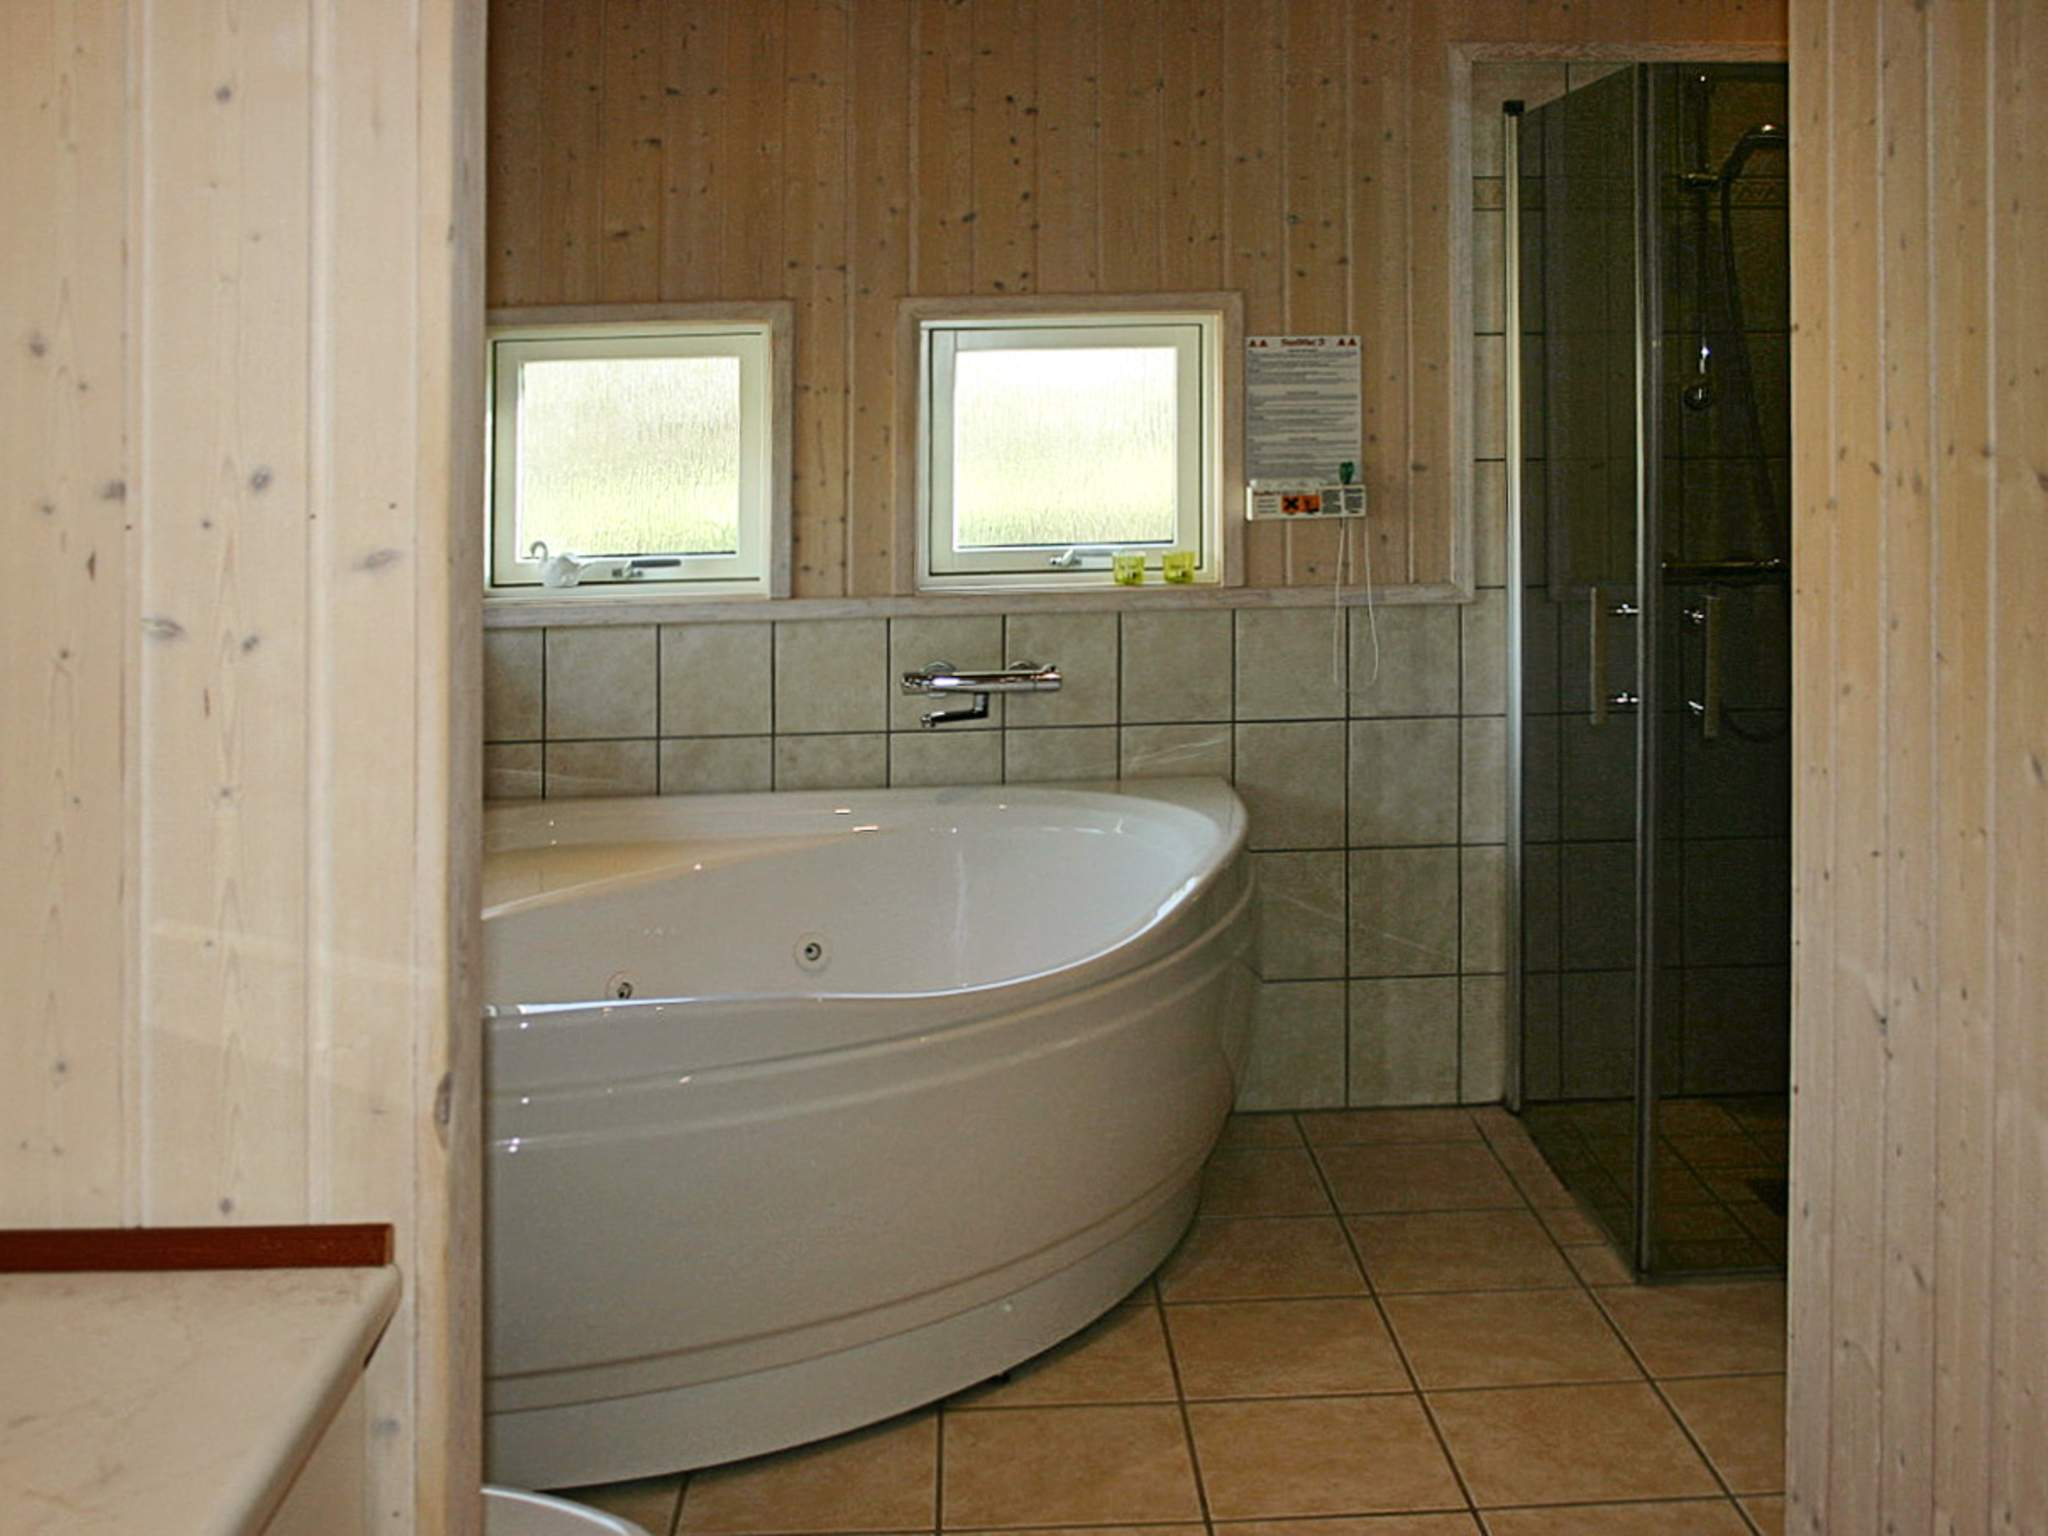 Ferienhaus Udsholt Strand (124746), Udsholt, , Nordseeland, Dänemark, Bild 12